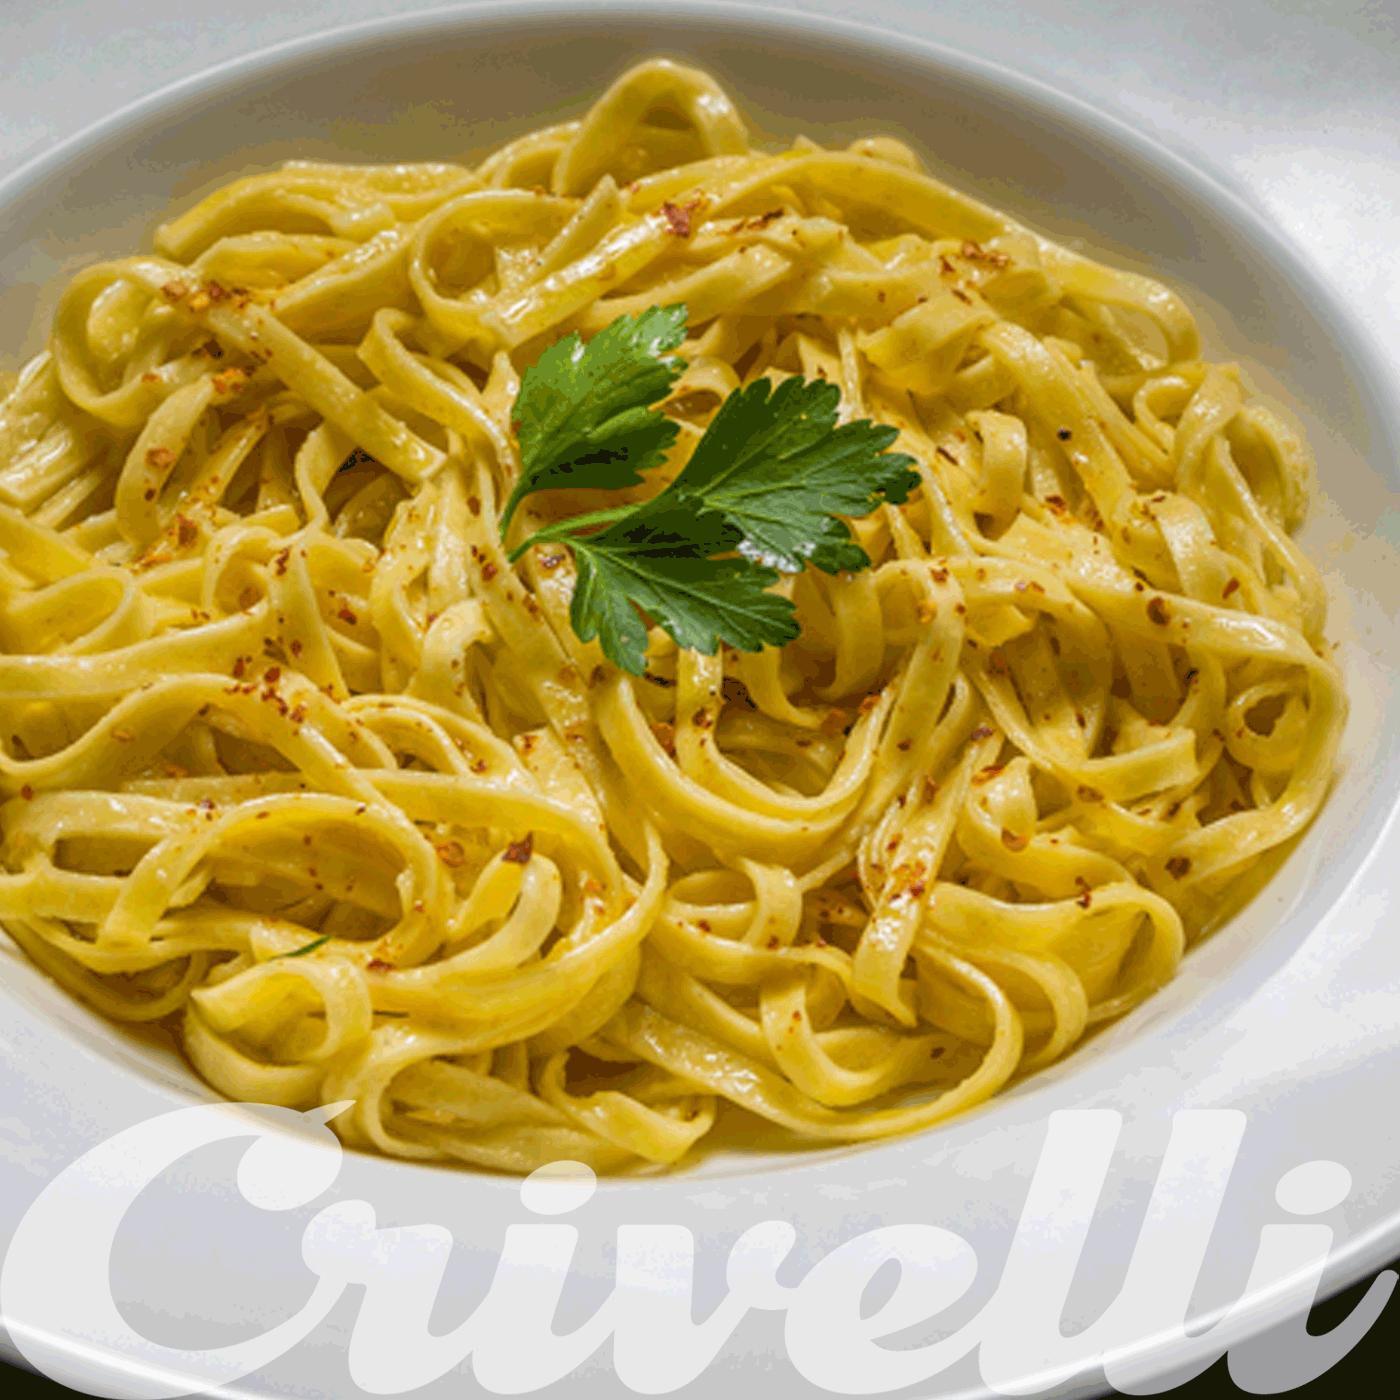 Pasta Fresca - GF - Sergio Crivelli